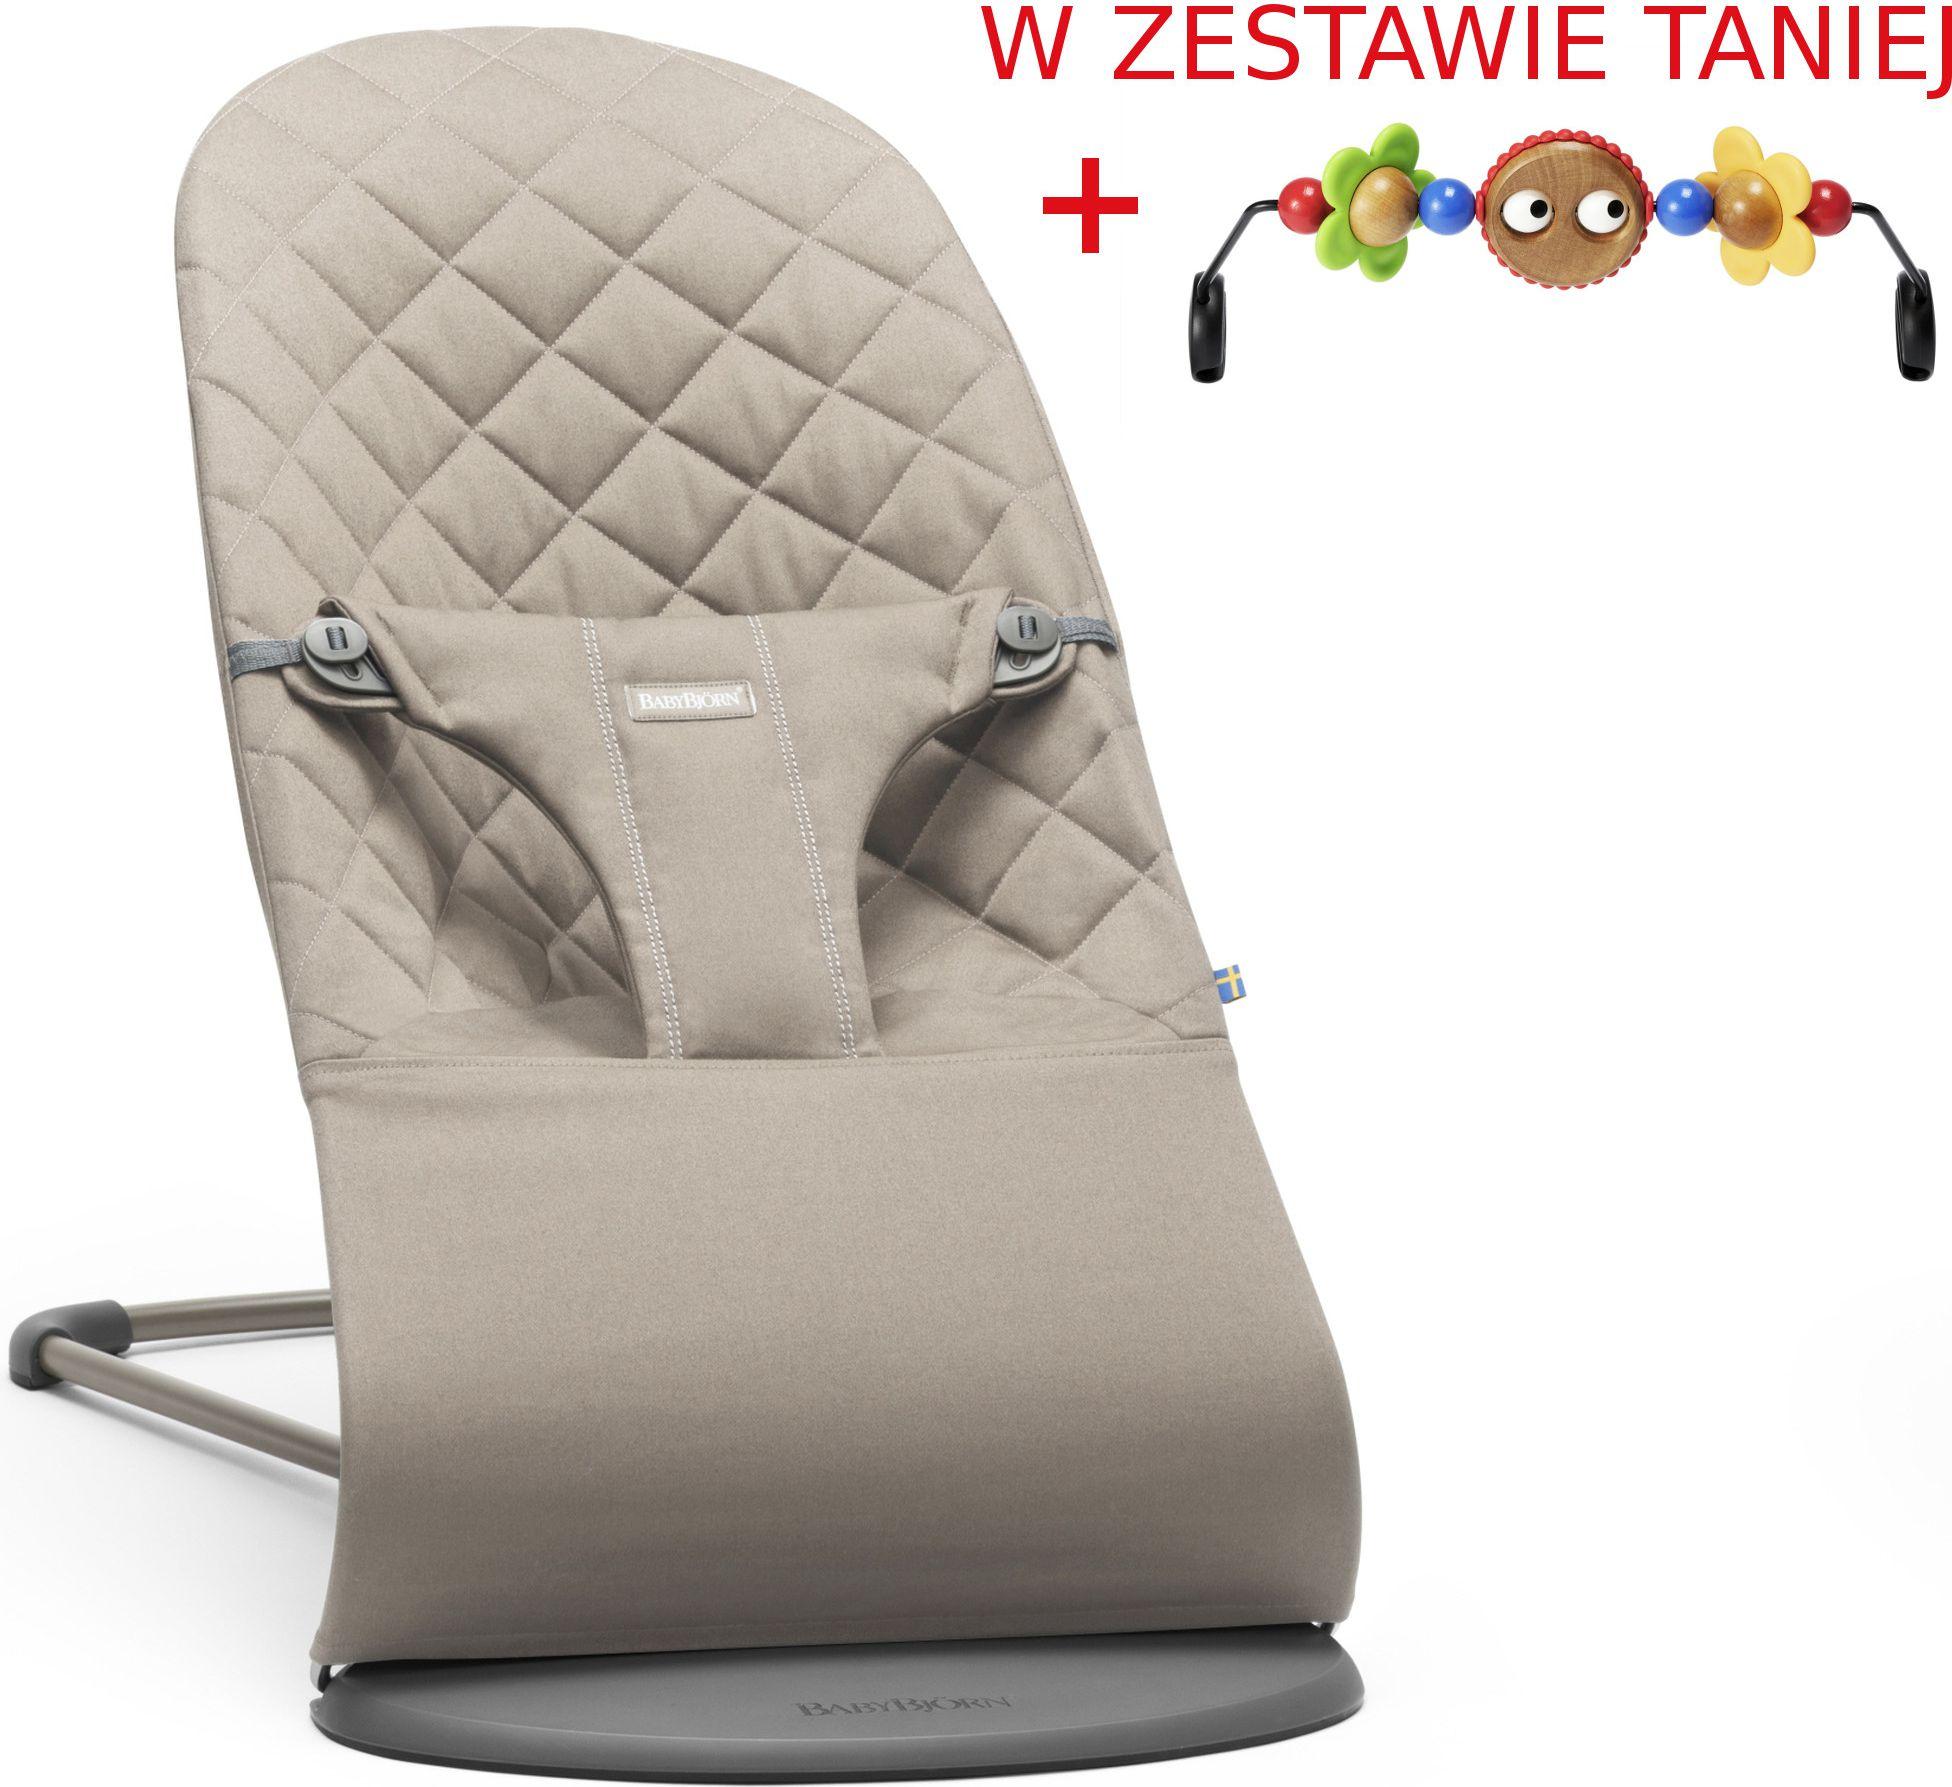 BABYBJORN  Lezaczek BLISS  Piaskowy szary + Zabawka 7317686060178 šūpuļkrēsls